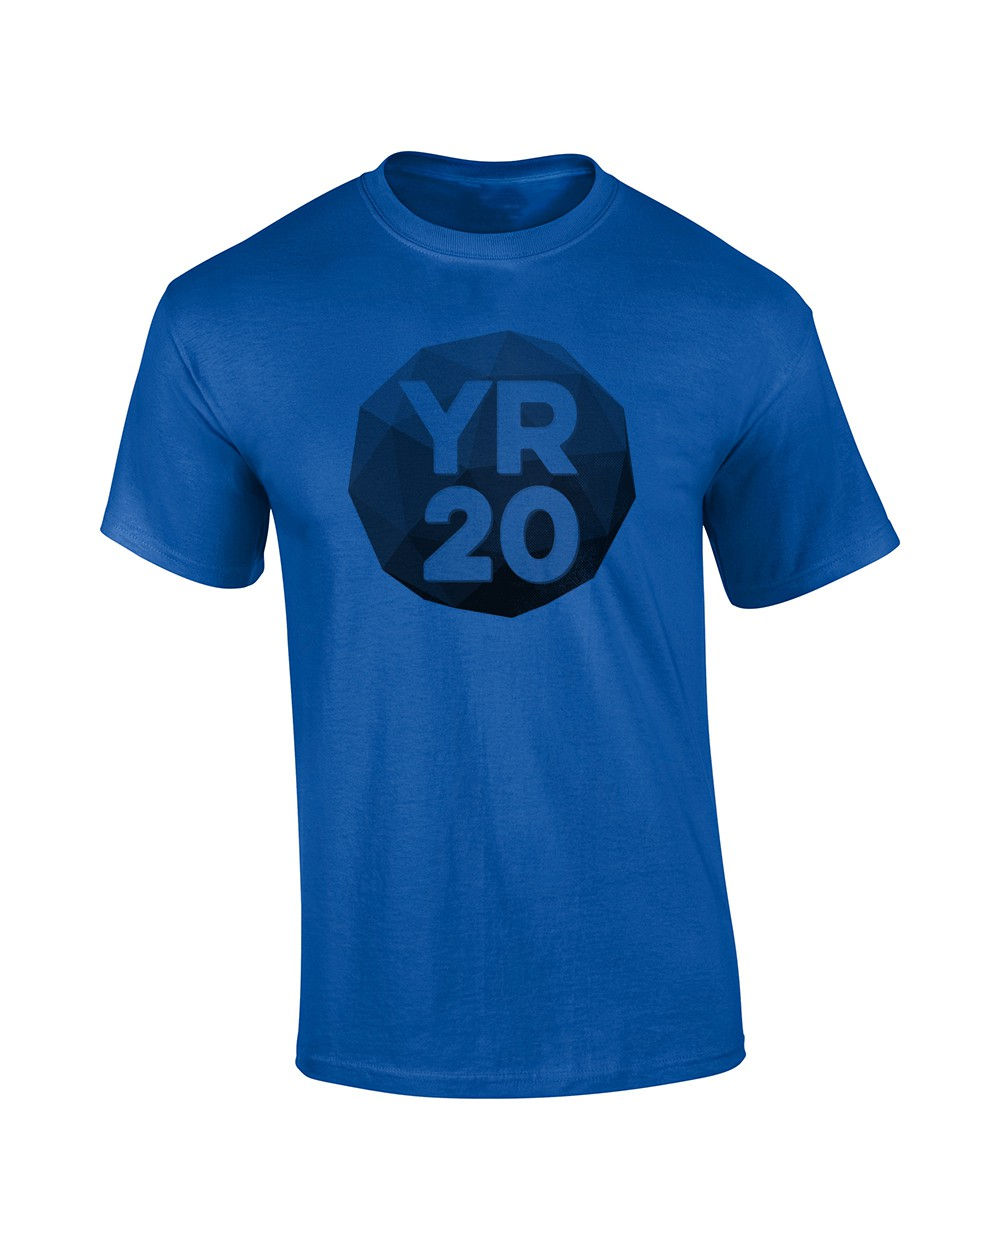 YR20 Volunteer T-Shirt - Medium